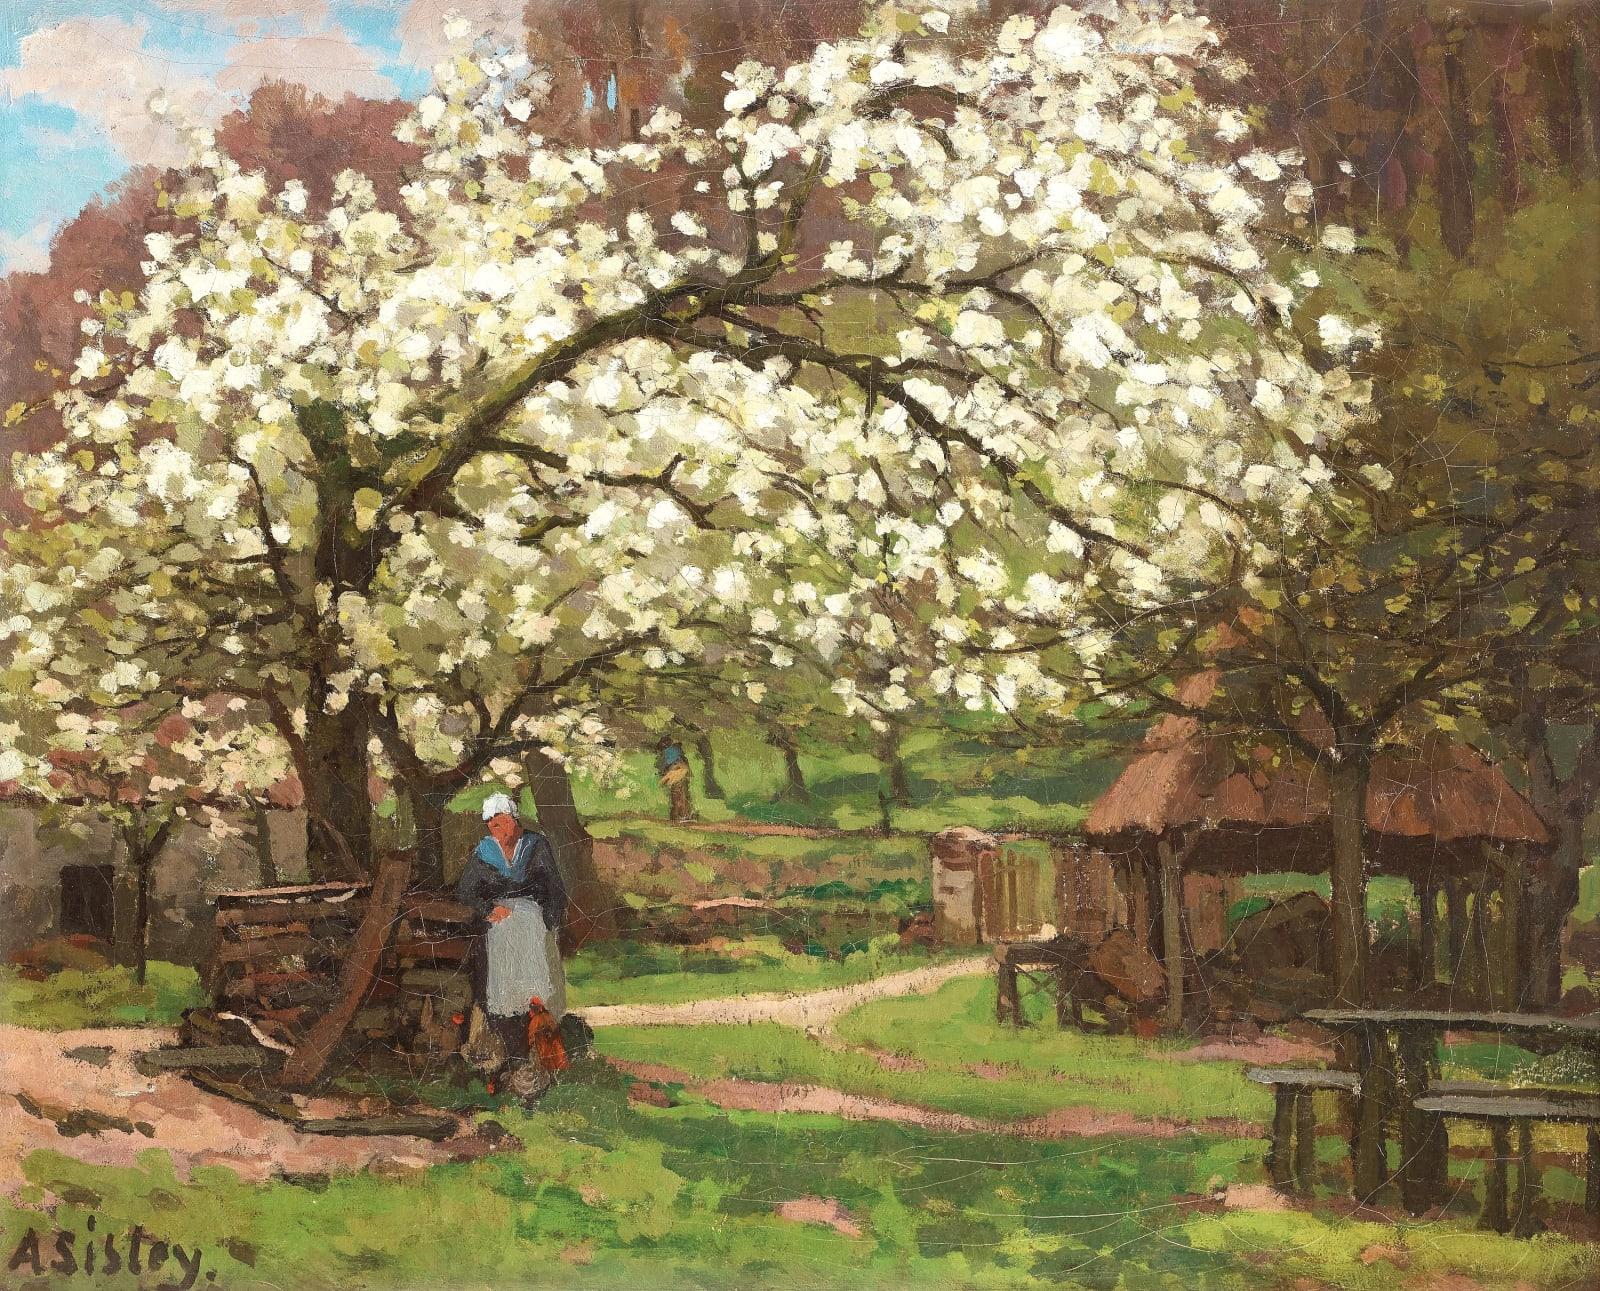 ALFRED SISLEY, Printemps, paysanne sous les arbres en fleurs, circa 1865-1868